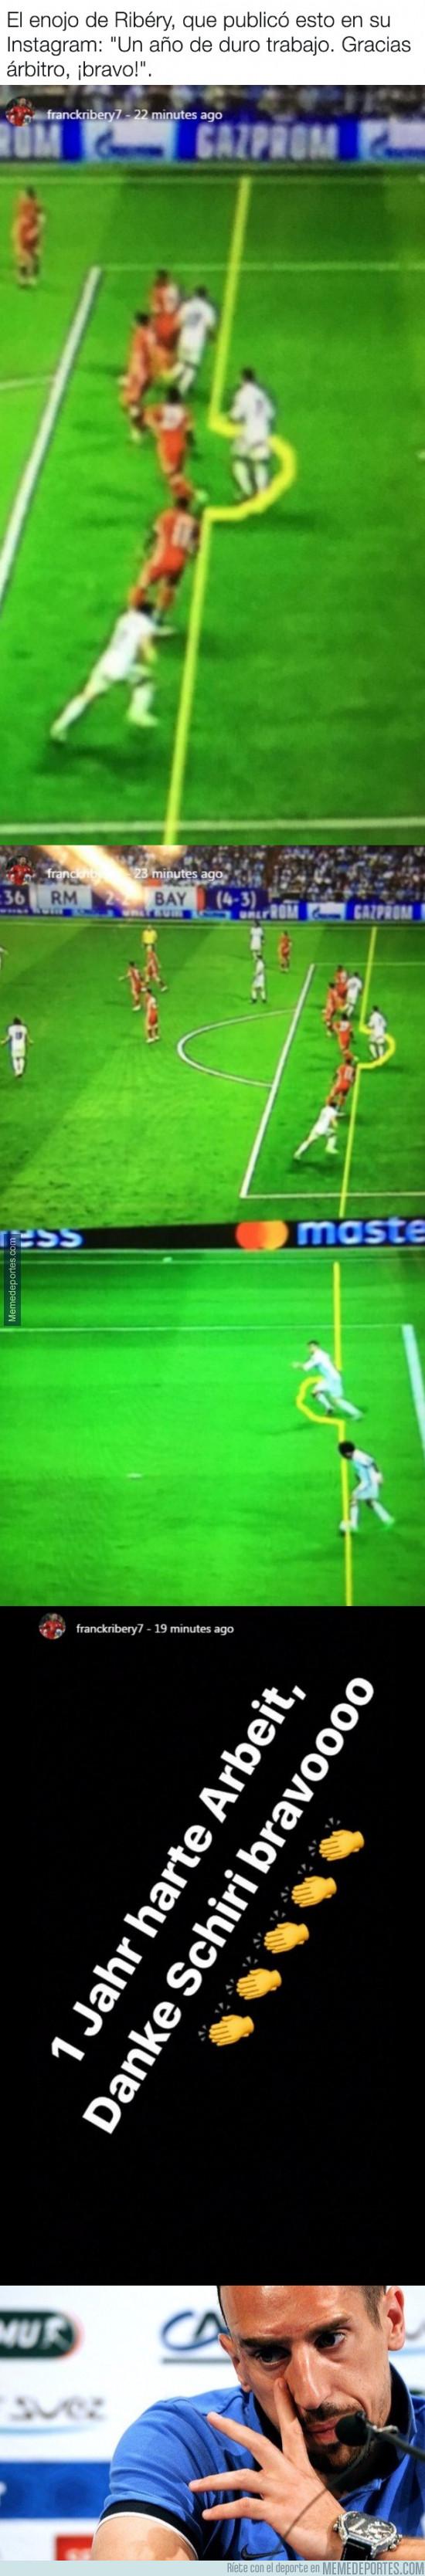 968614 - Ribery se despacha a gusto rajando del árbitro en Instagram